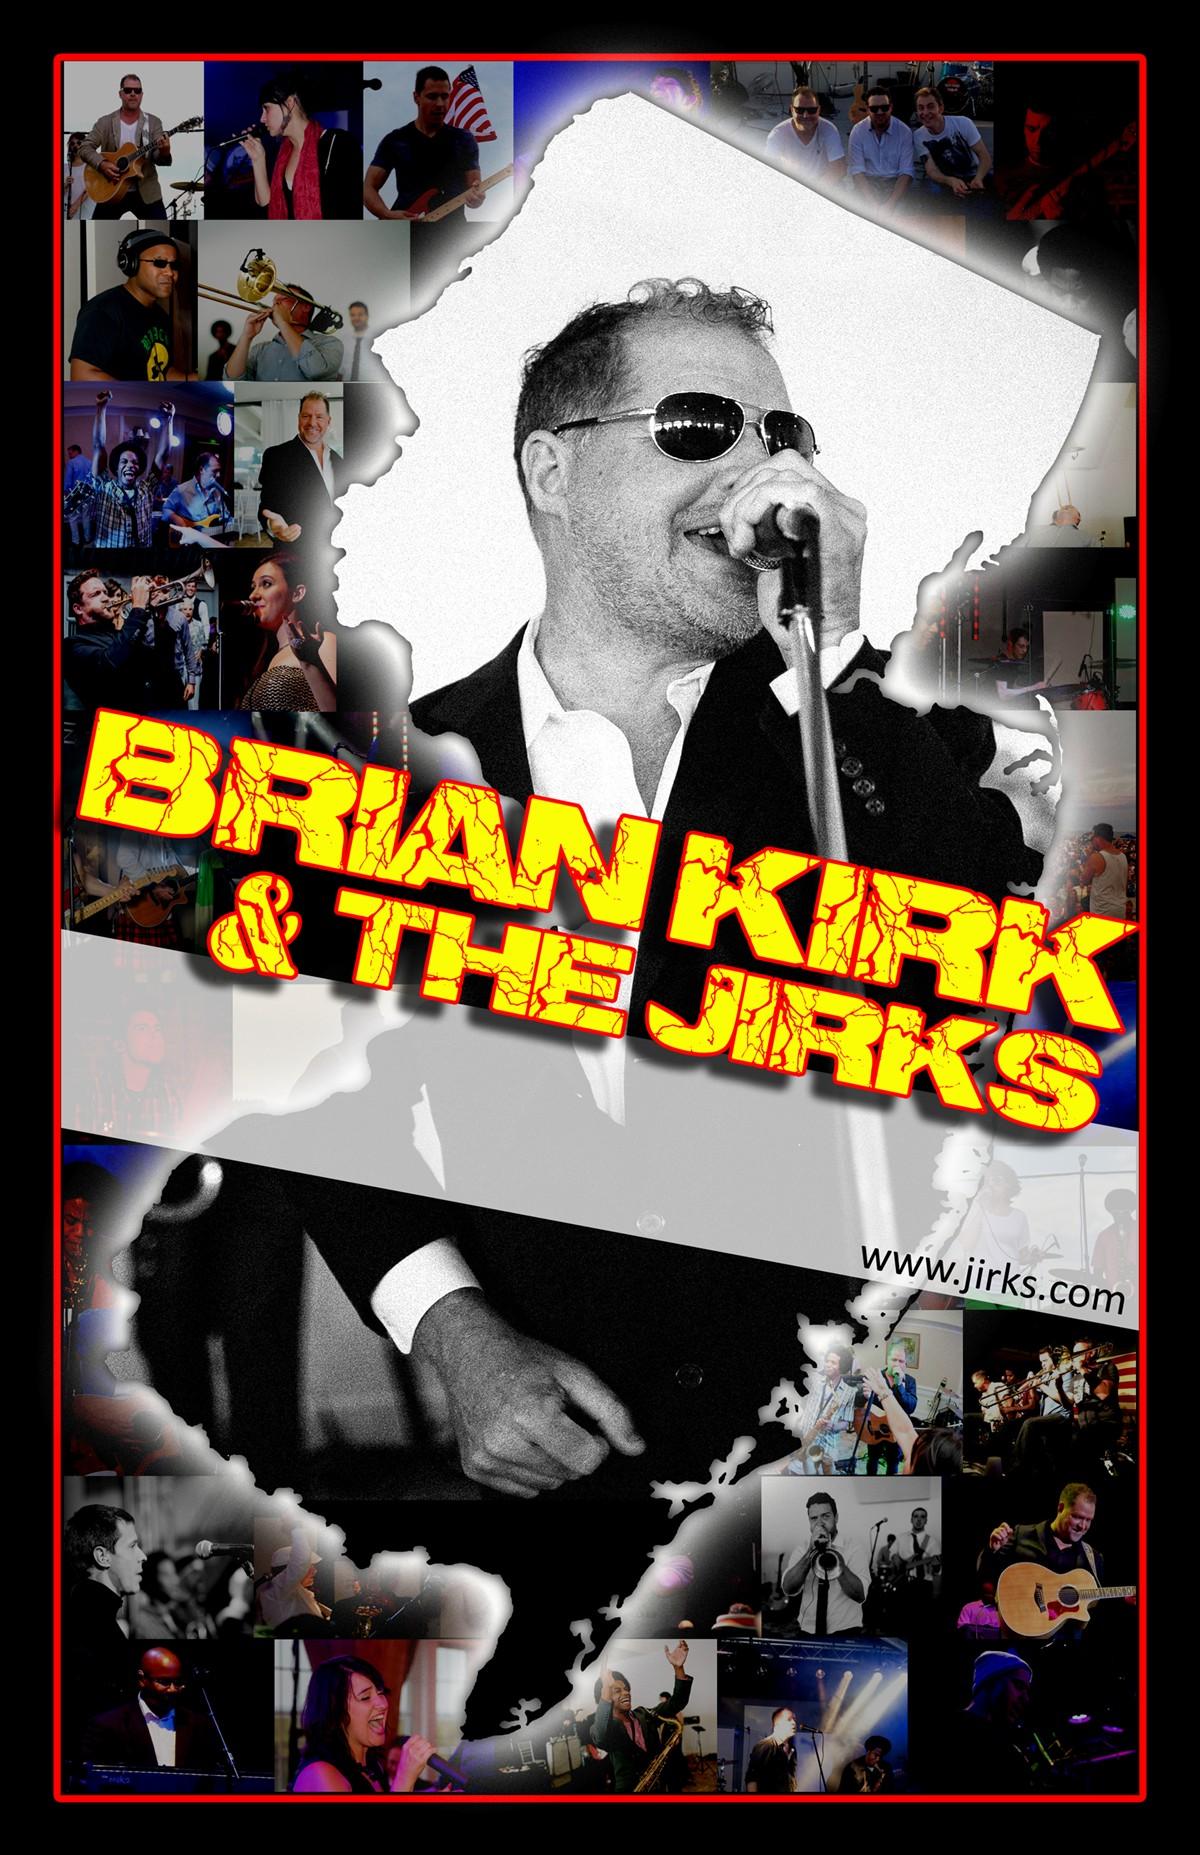 Kirks poster.jpg2